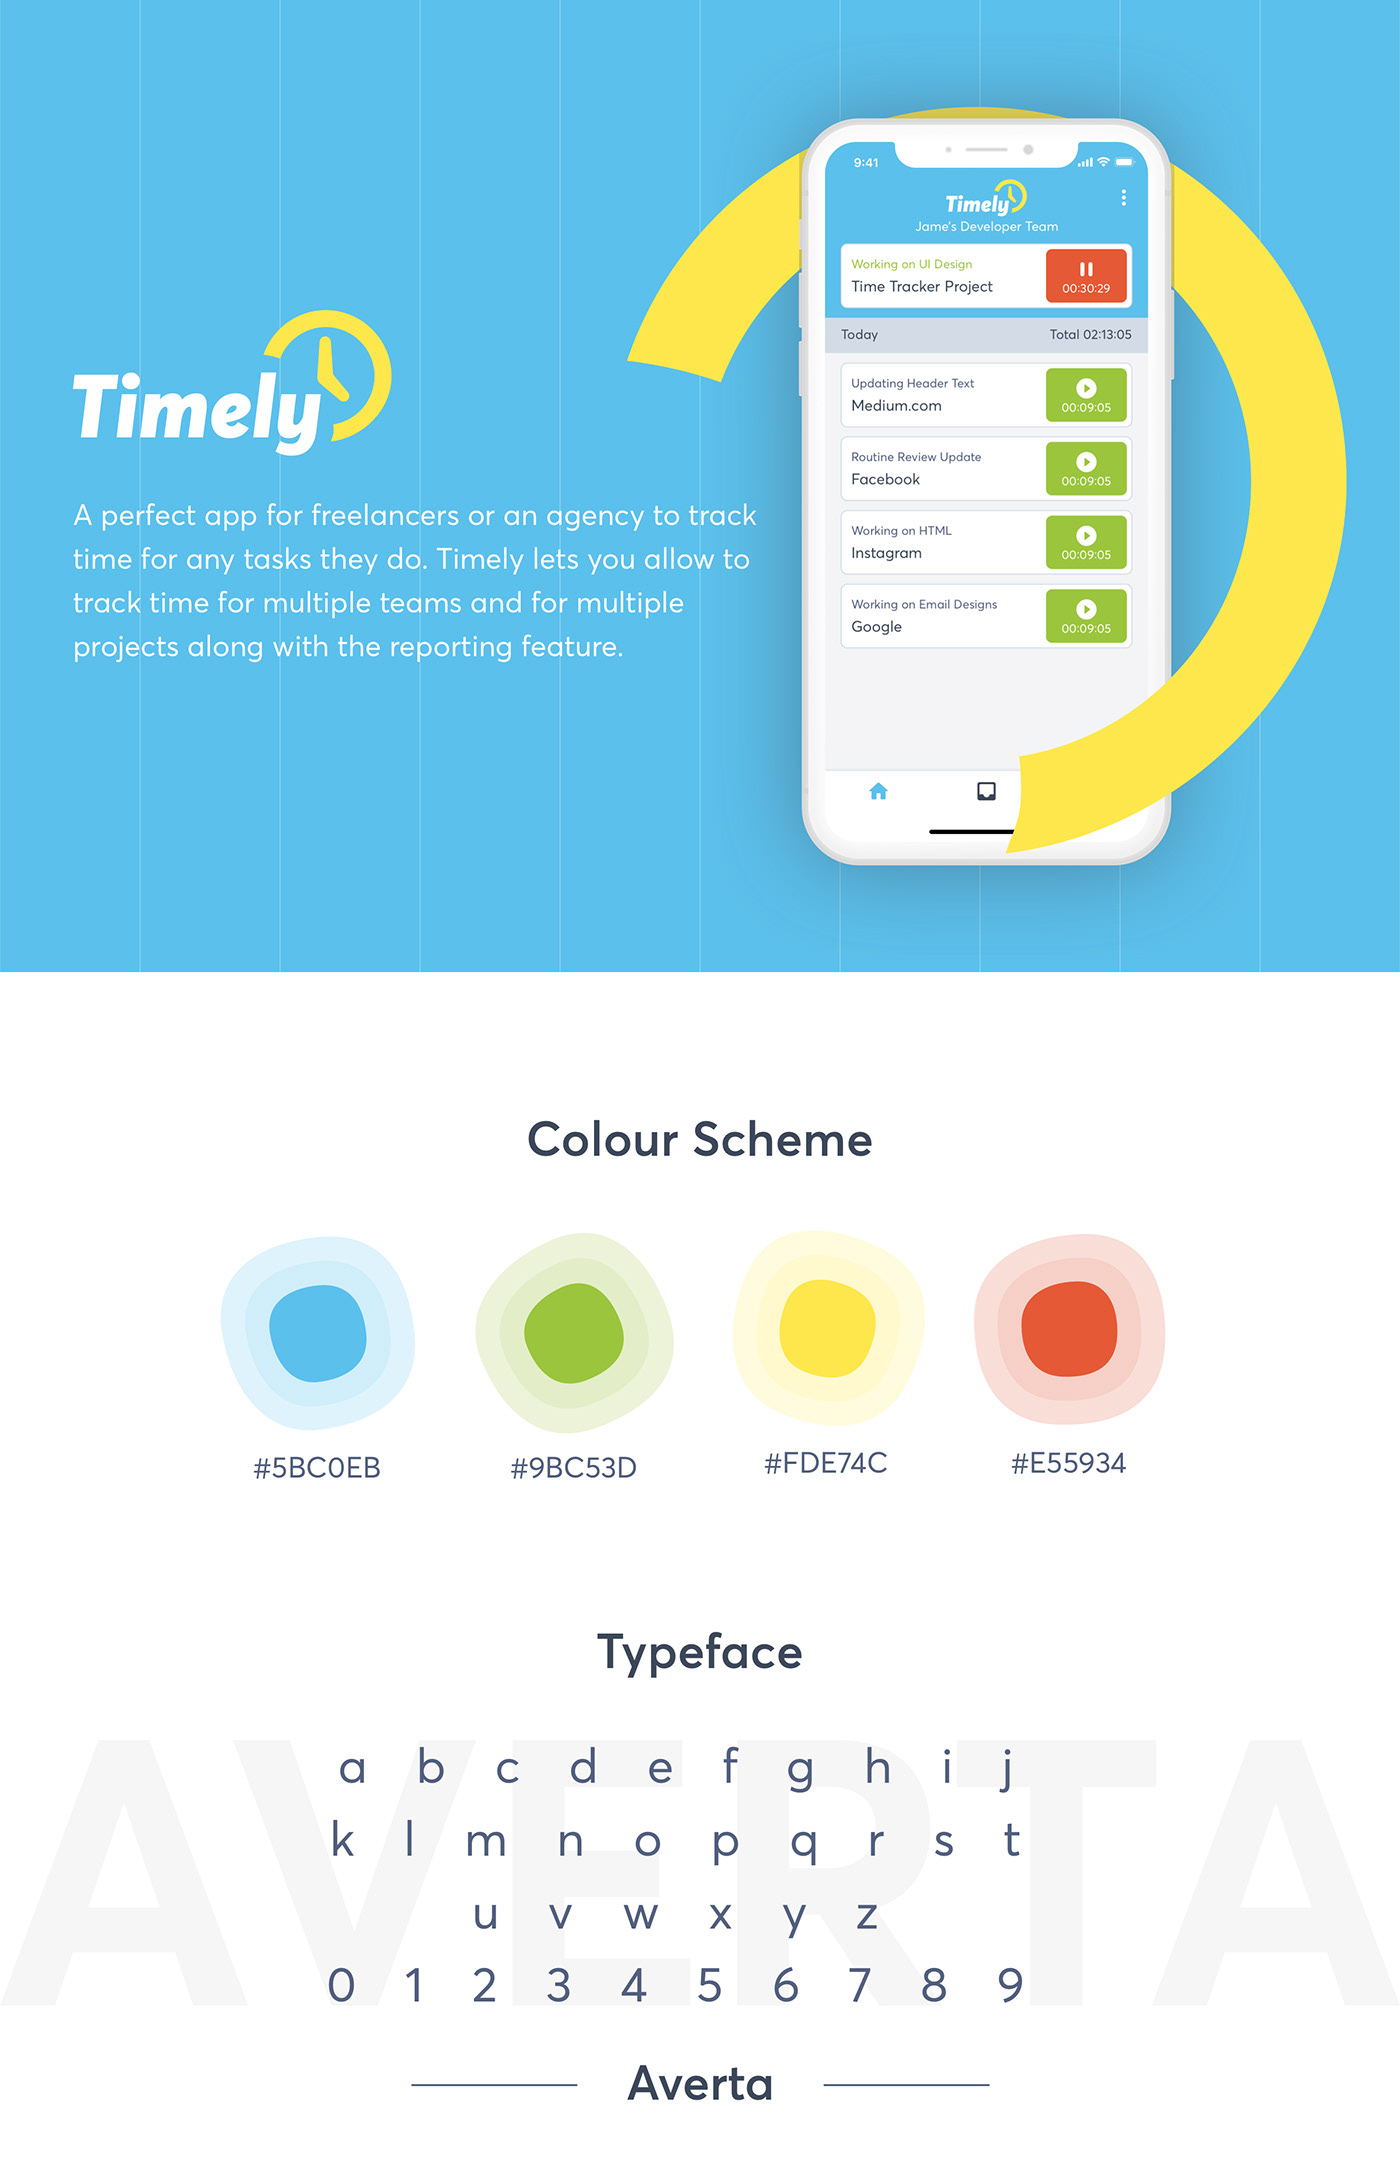 app design app ui Clean UI mobile app design time tracker time tracking app timely ui design UI/UX UX design